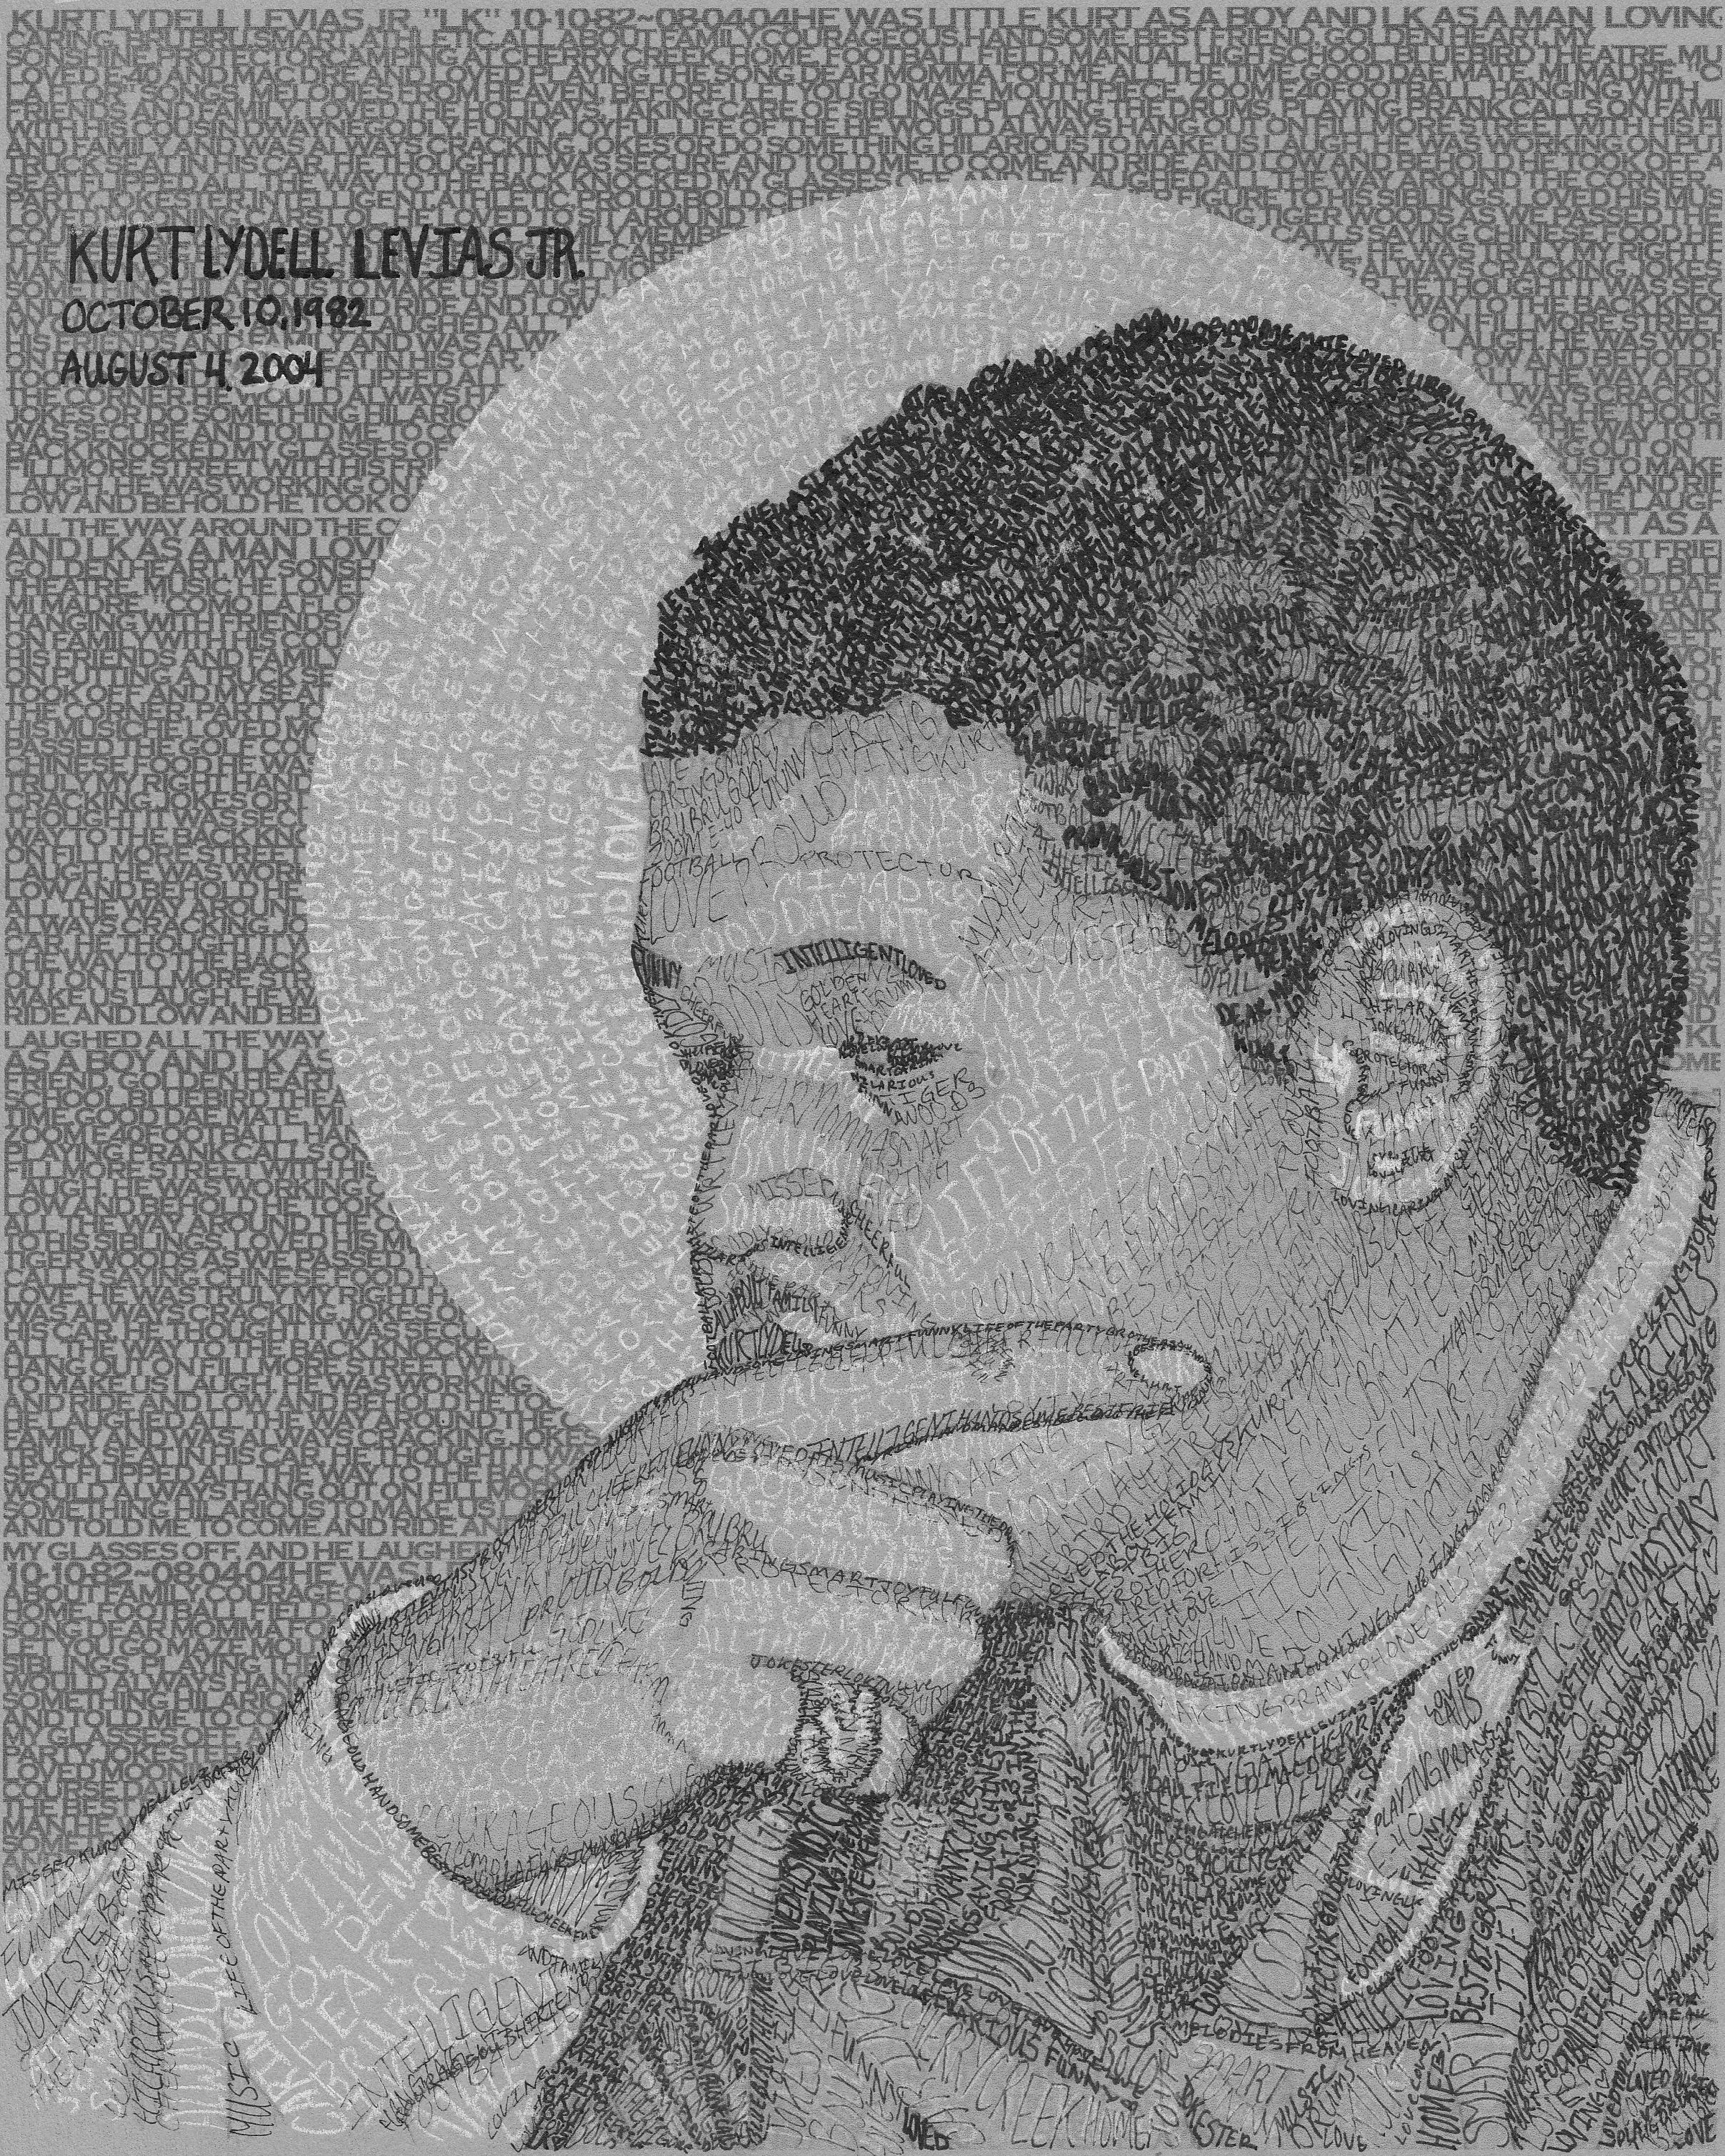 Kurt Lydell Levias Jr., Age 21